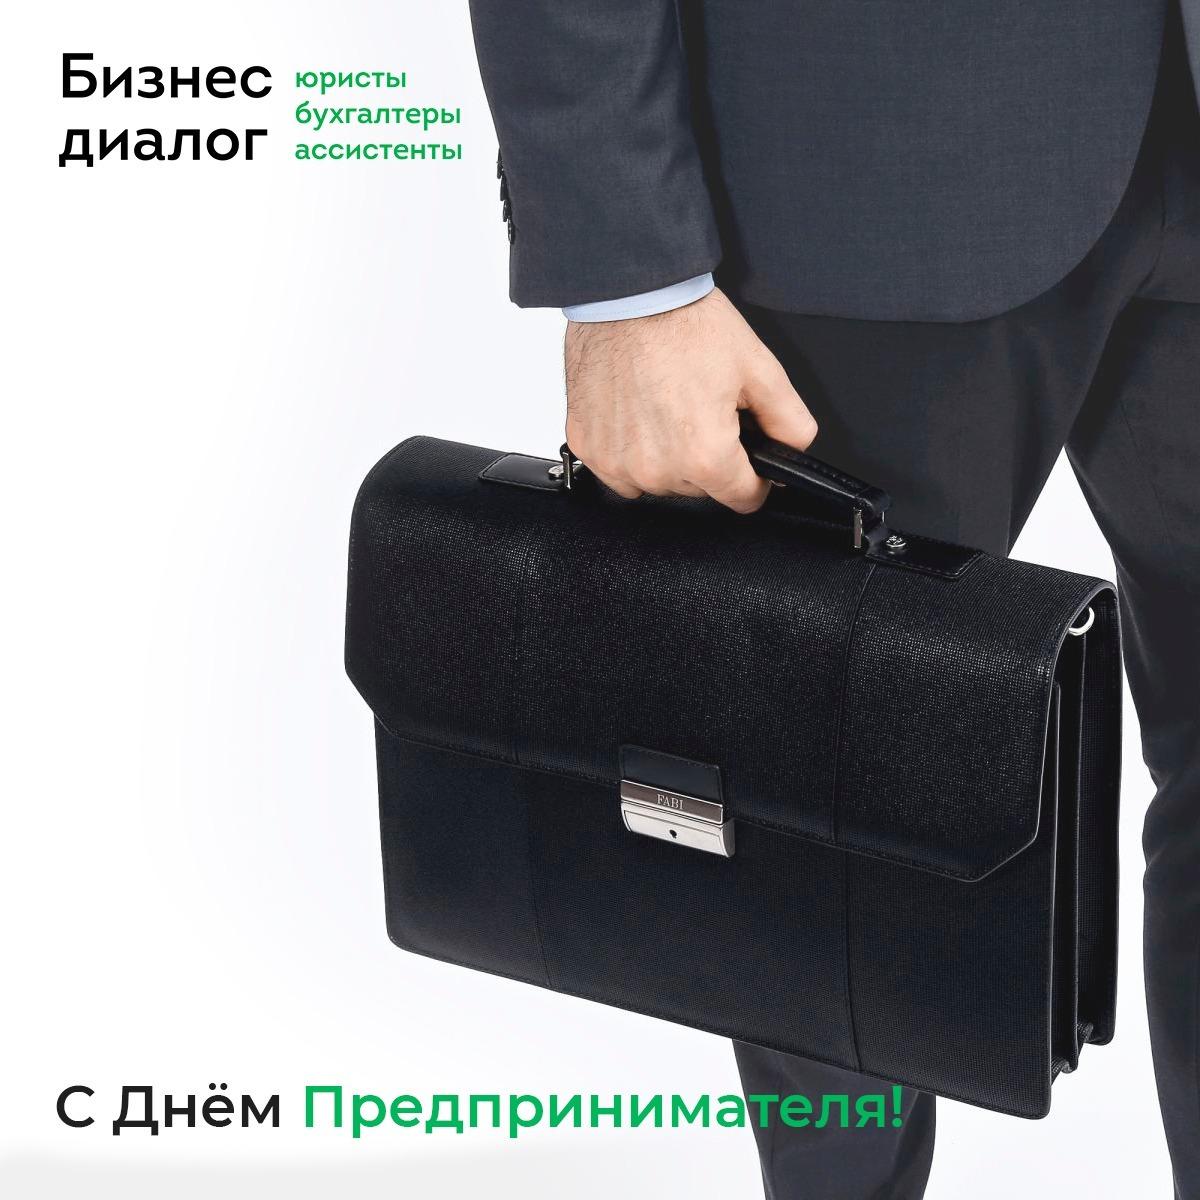 С днем предпринимателя. Бизнес Диалог. ubk-bd.ru